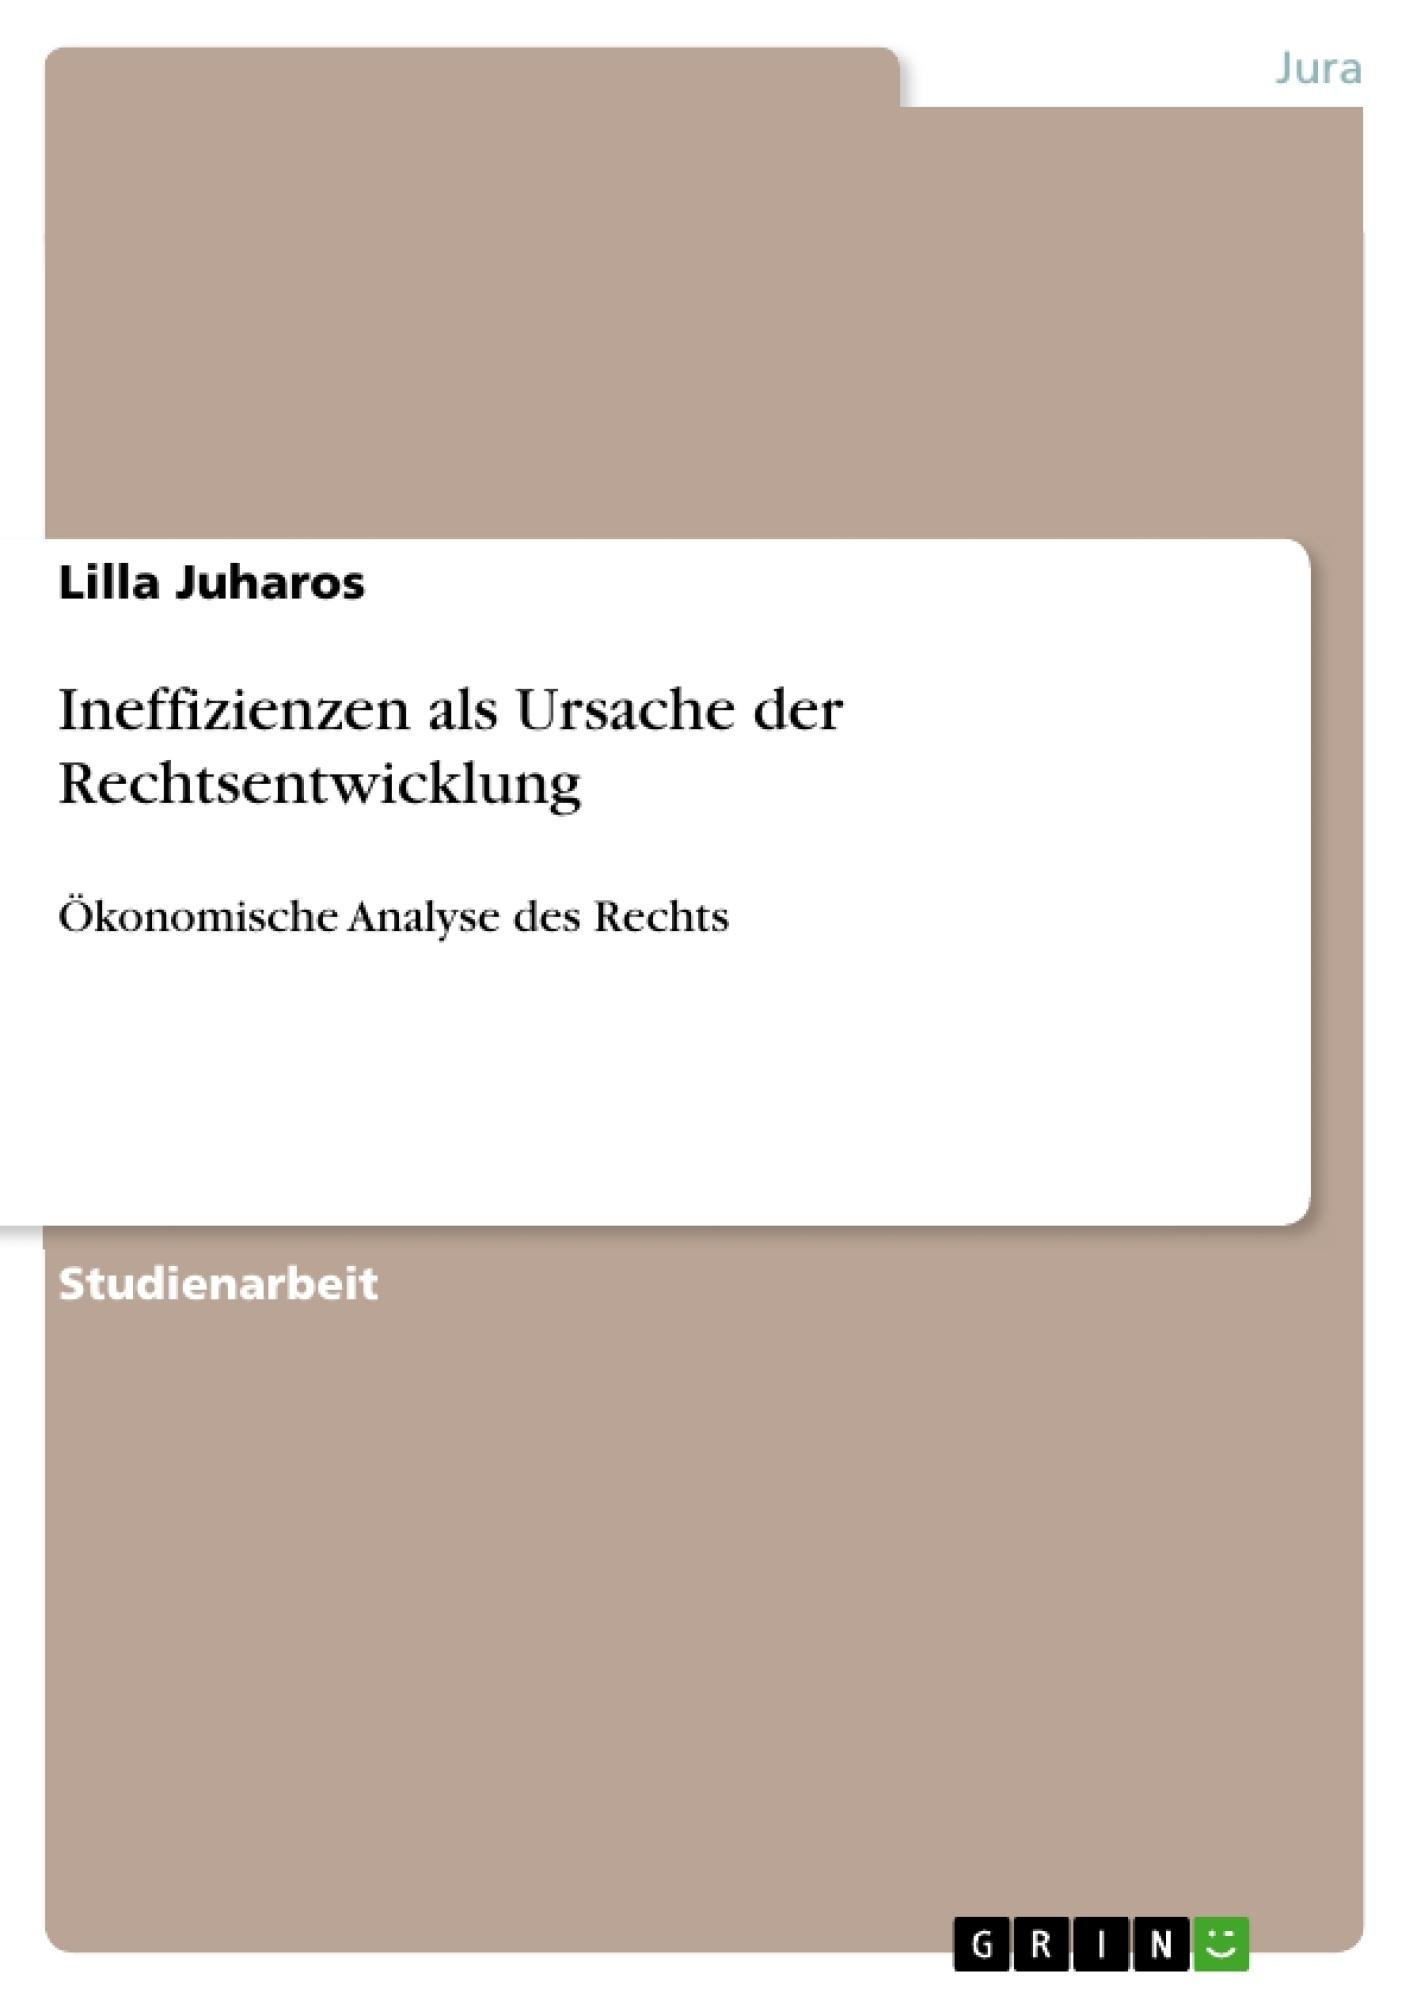 Titel: Ineffizienzen als Ursache der Rechtsentwicklung